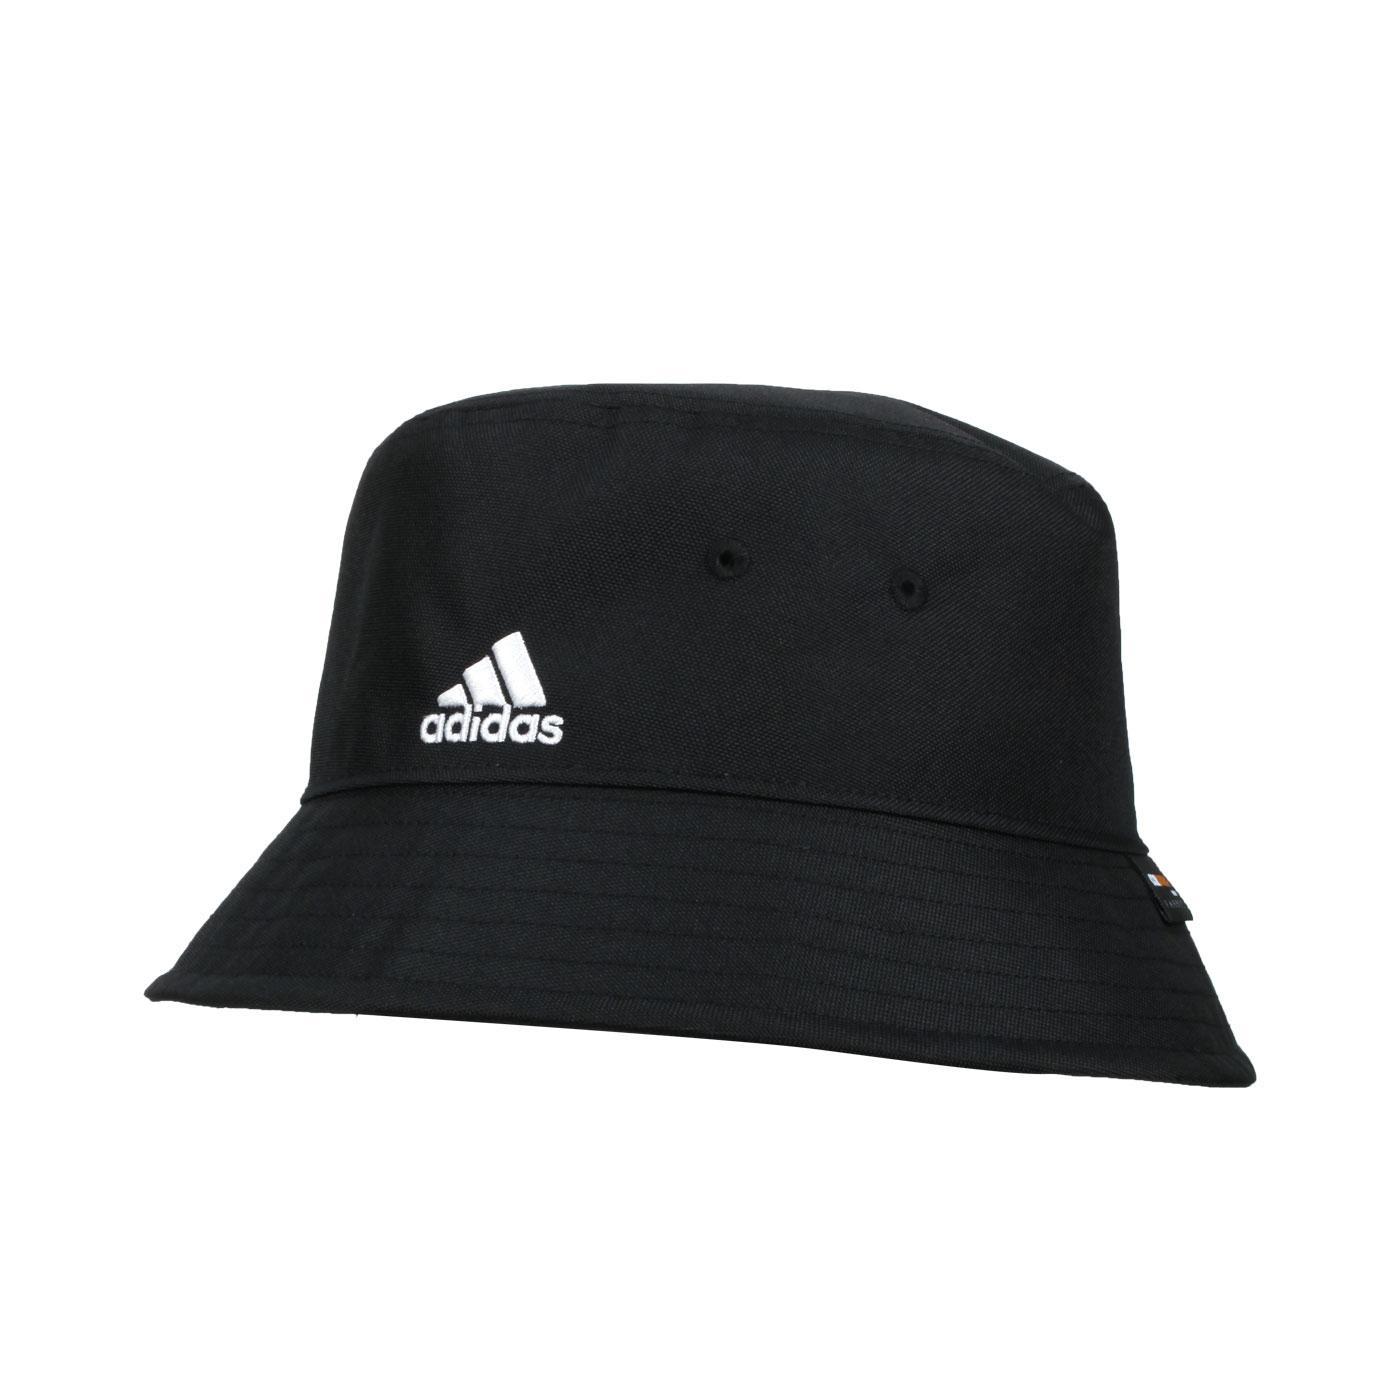 ADIDAS 漁夫帽 GV6547